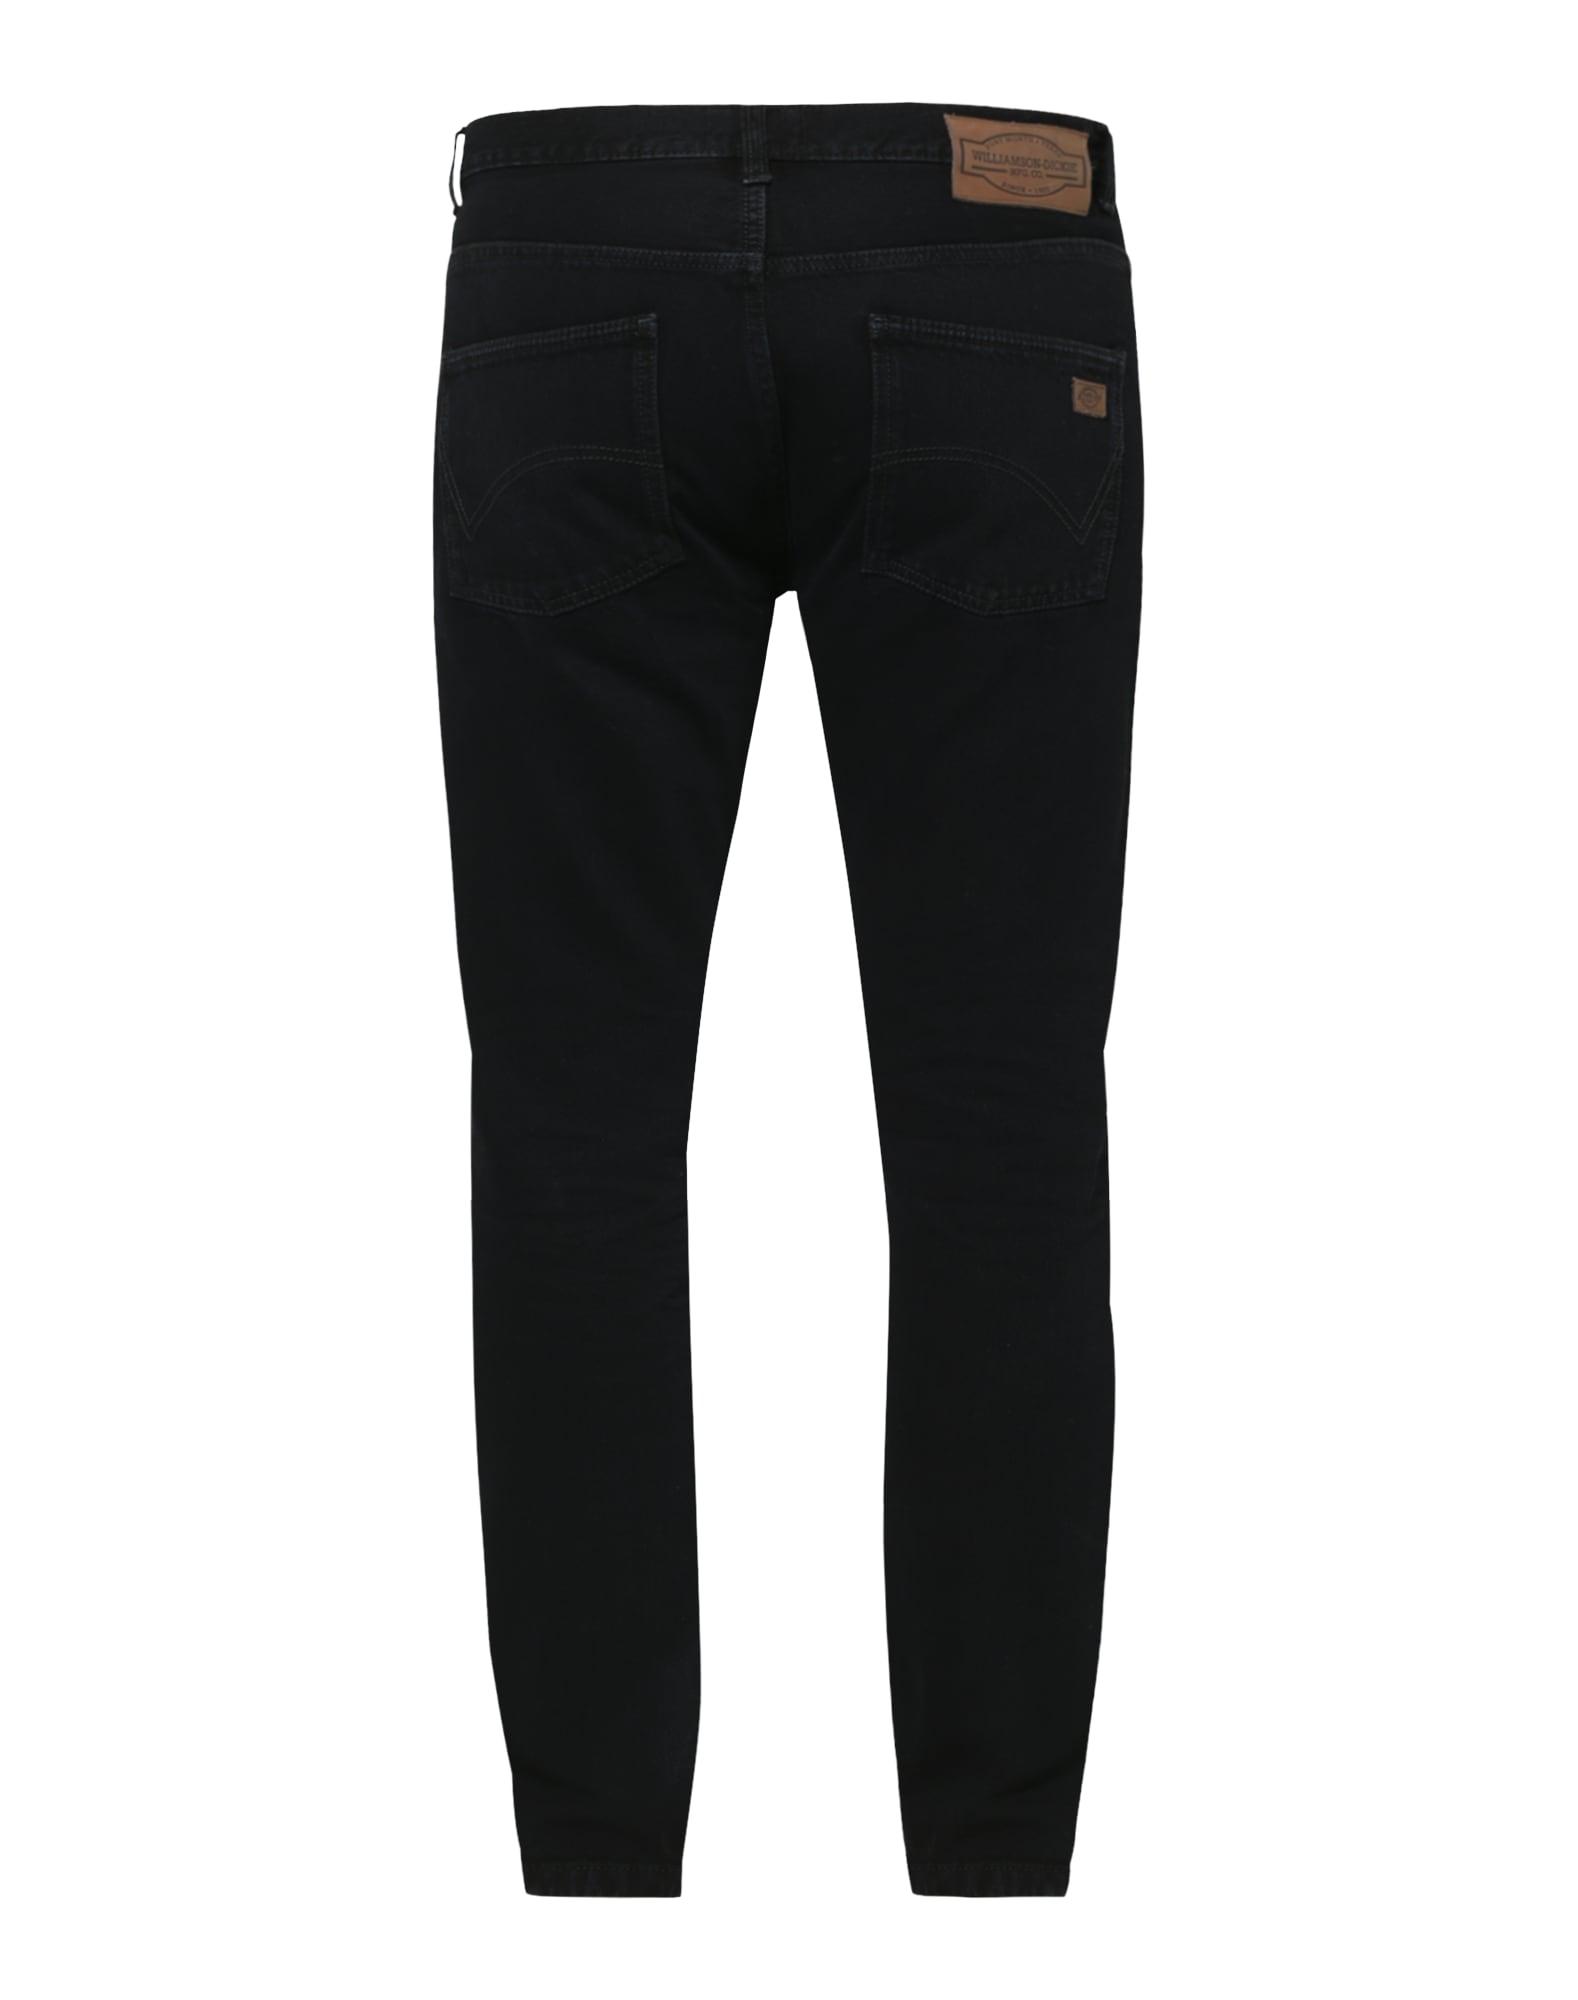 DICKIES, Heren Jeans 'Michigan', zwart